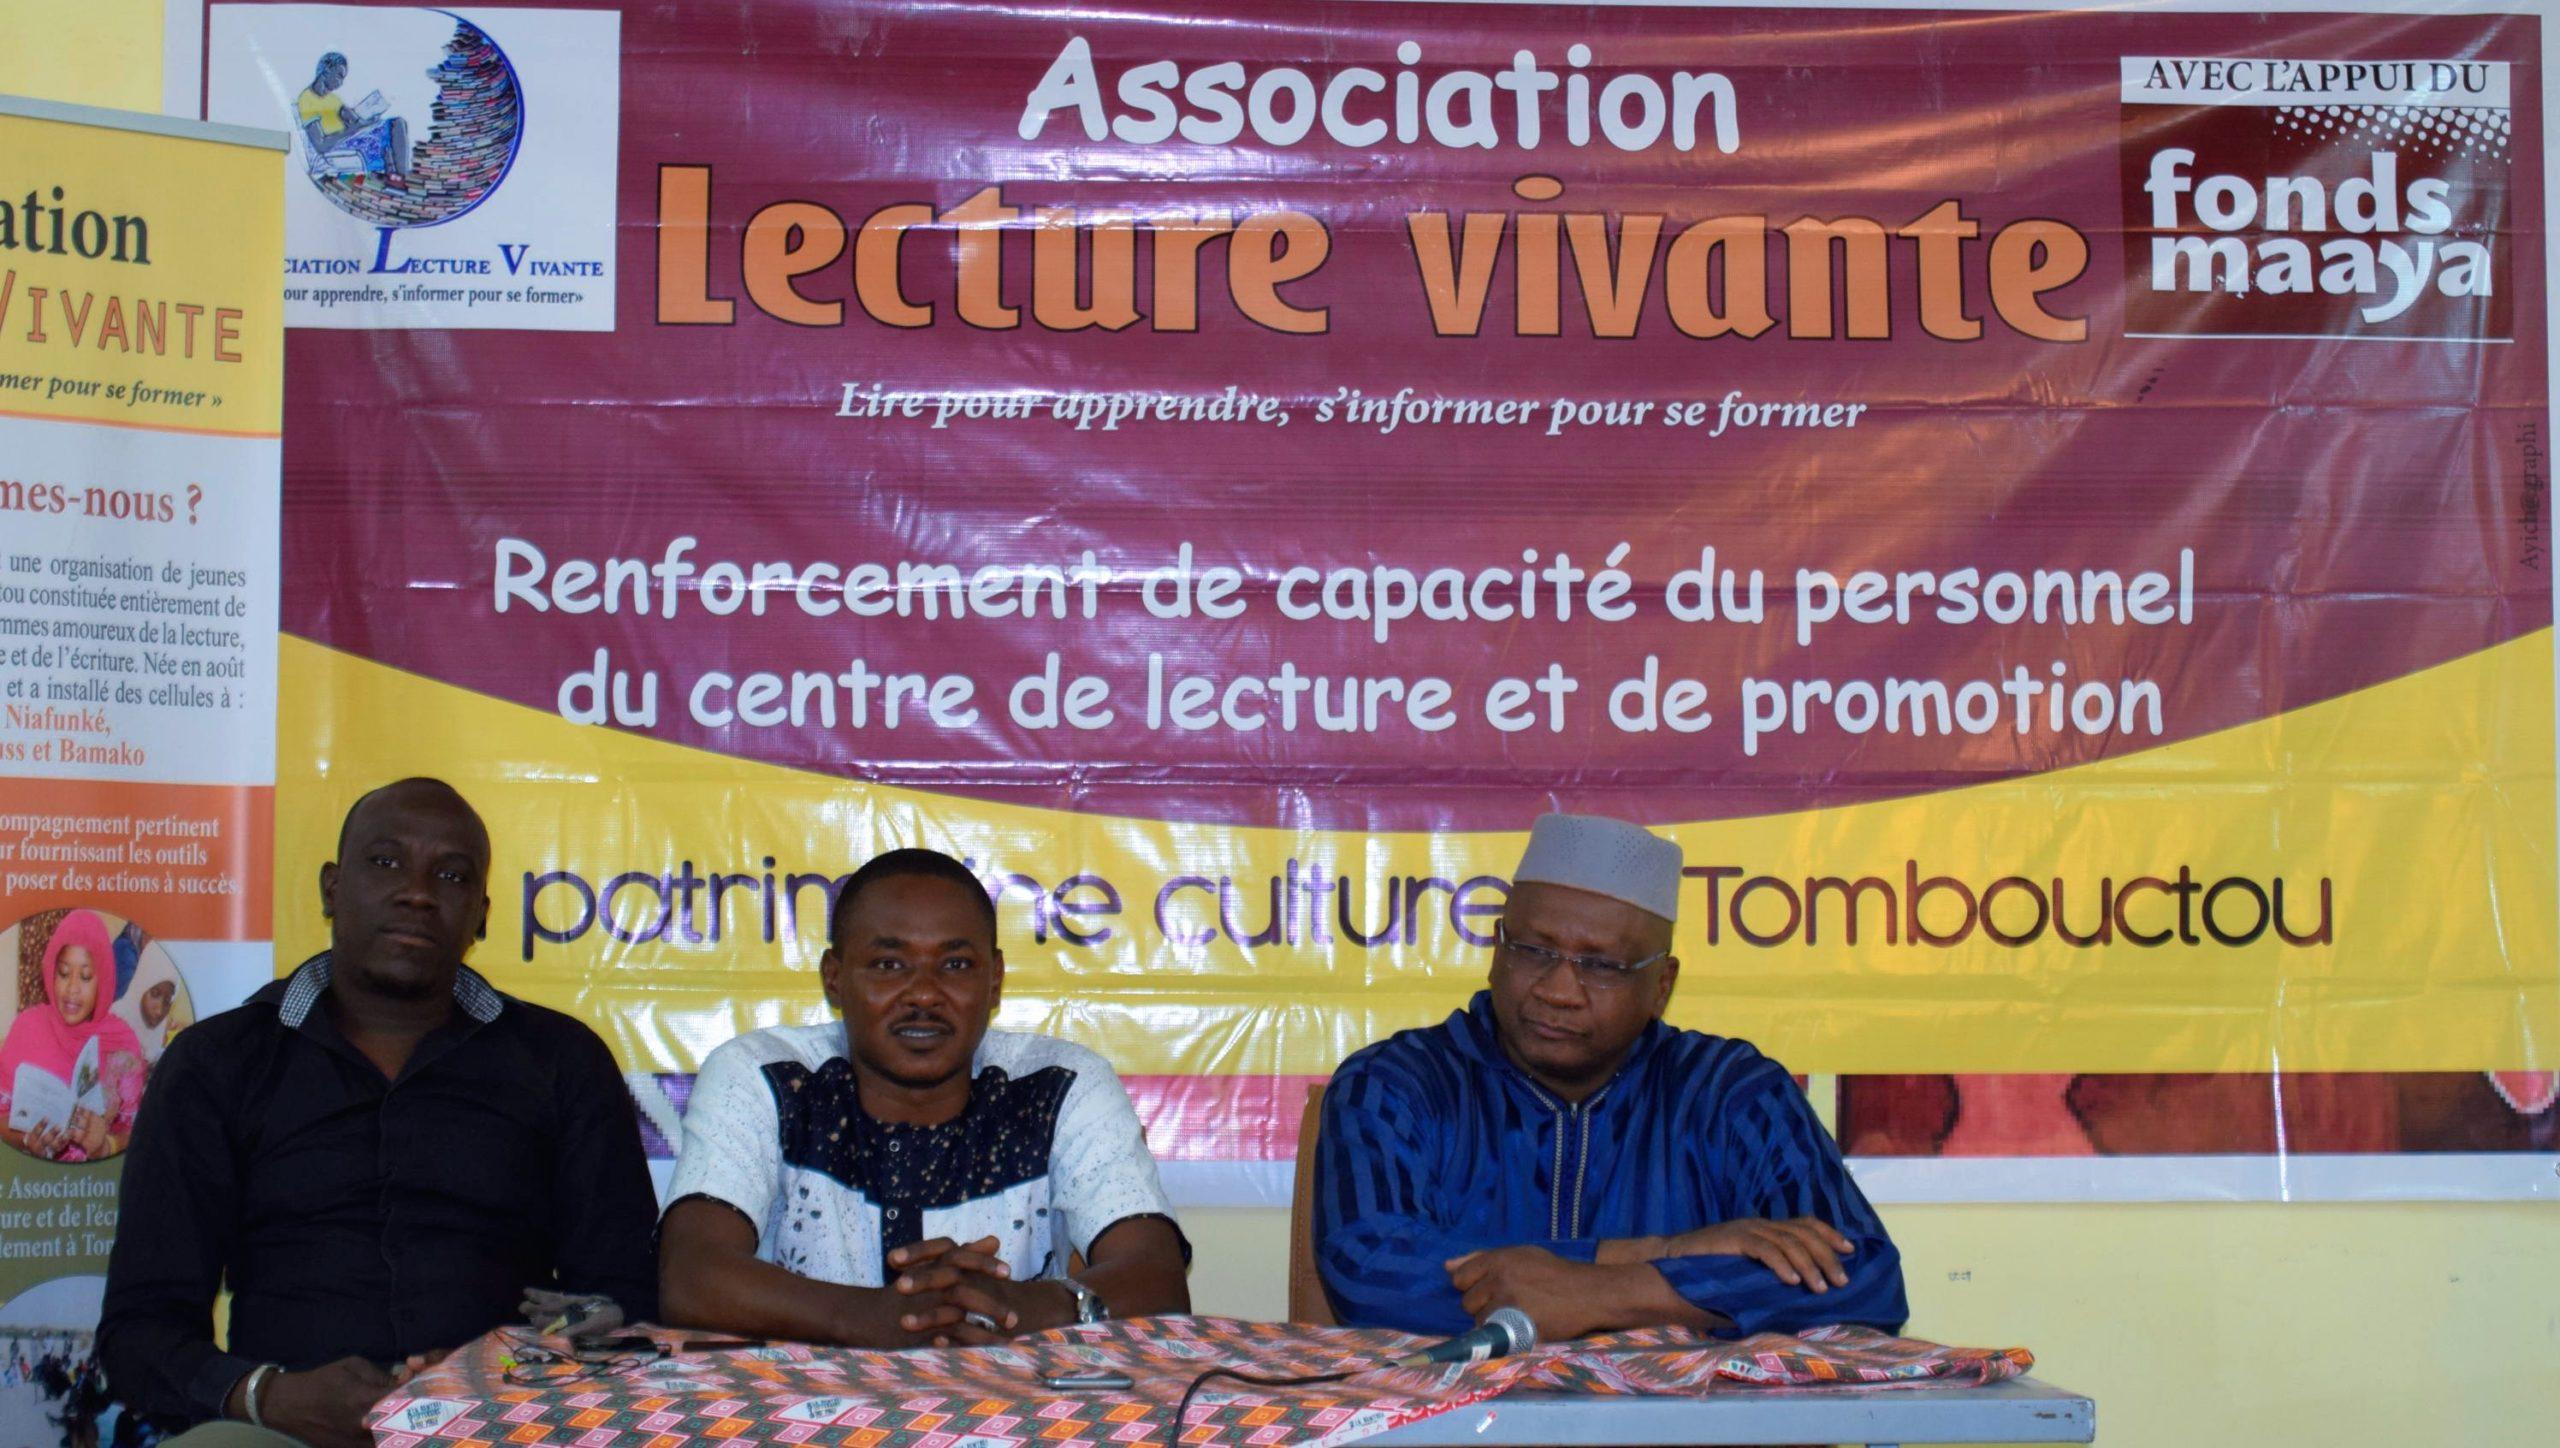 Le centre de lecture et de promotion du patrimoine culturel de « Lecture Vivante » amorce son projet de renforcement des capacités de son personnel.